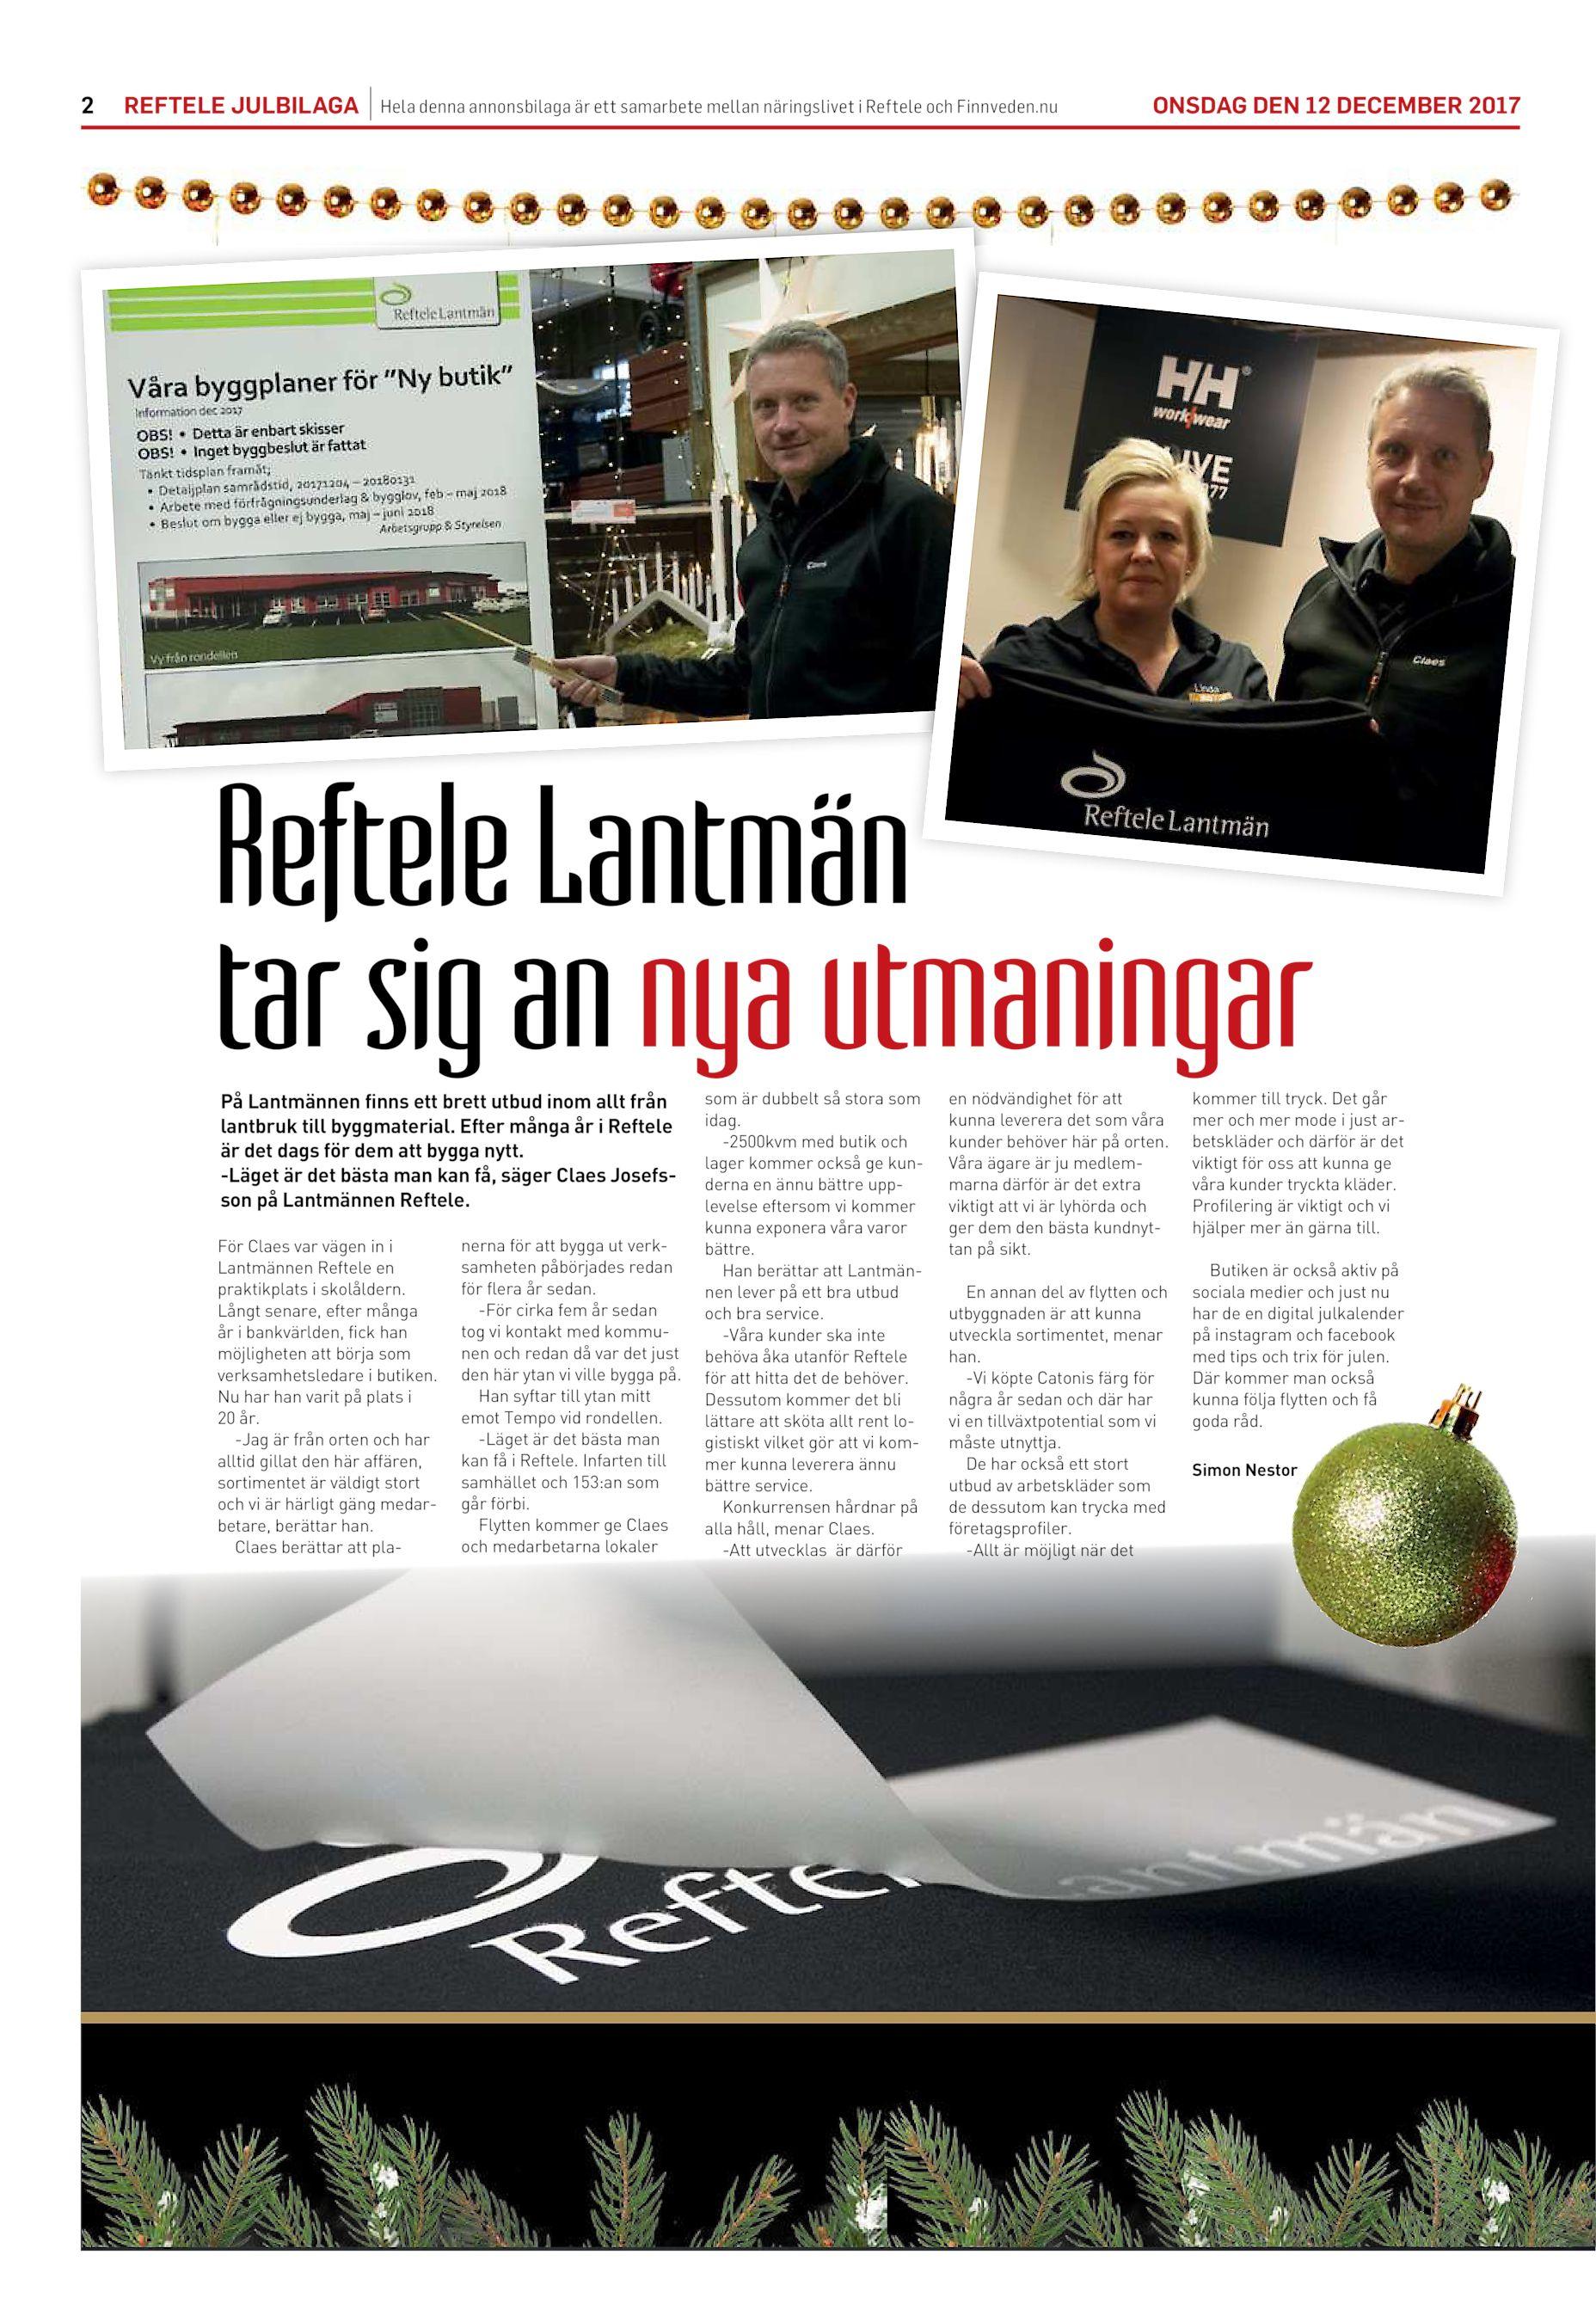 ec5e84ce56f1 2 REFTELE JULBILAGA Hela denna annonsbilaga är ett samarbete mellan  näringslivet i Reftele och Finnveden.nu ONSDAG DEN 12 DECEMBER 2017 Reftele  Lantmän tar ...